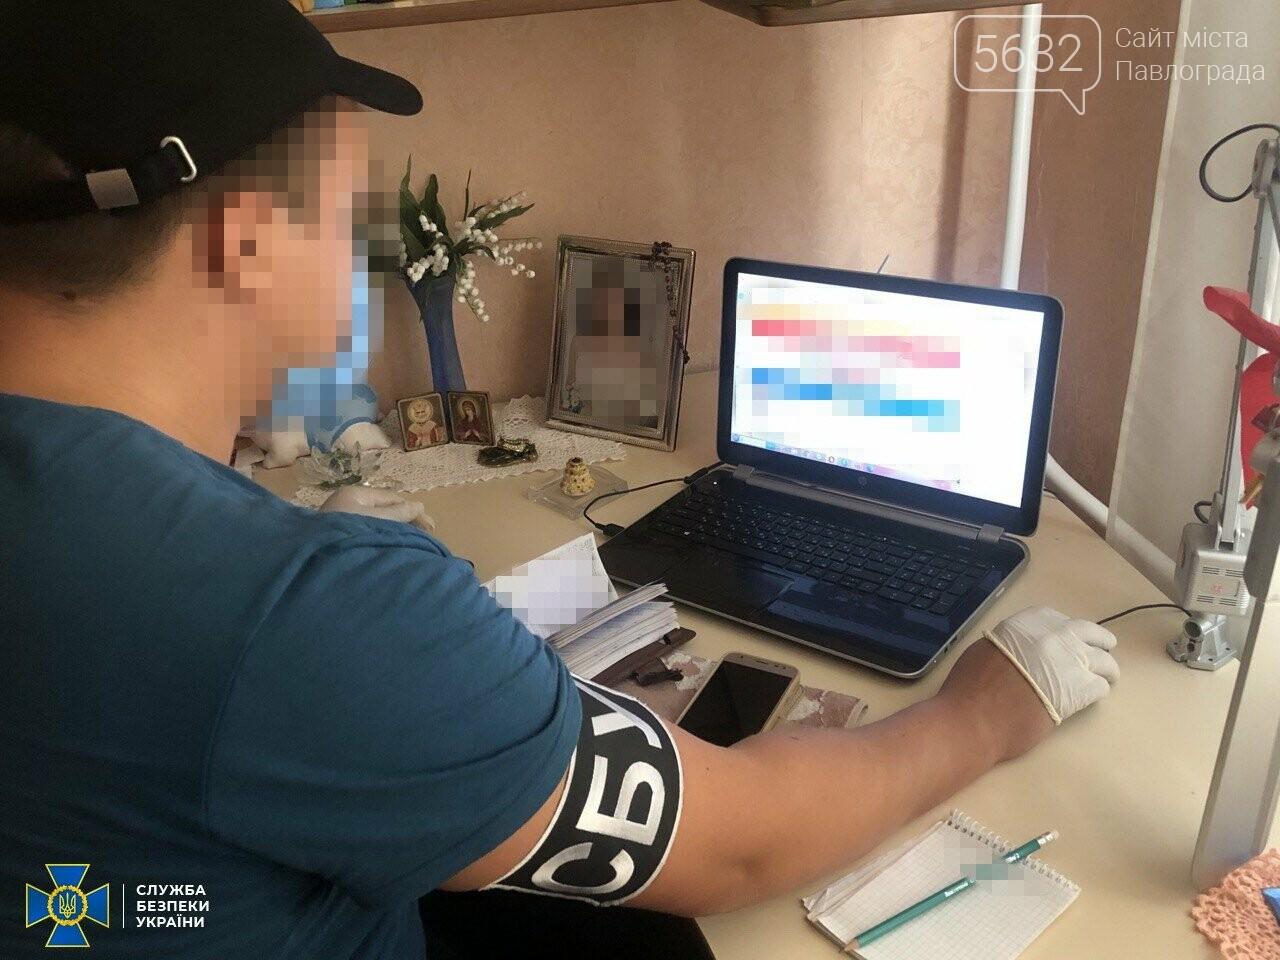 На Днепропетровщине СБУ задержала интернет-троллей, распространяющих материалы о предстоящих выборах (ФОТО, ВИДЕО), фото-2